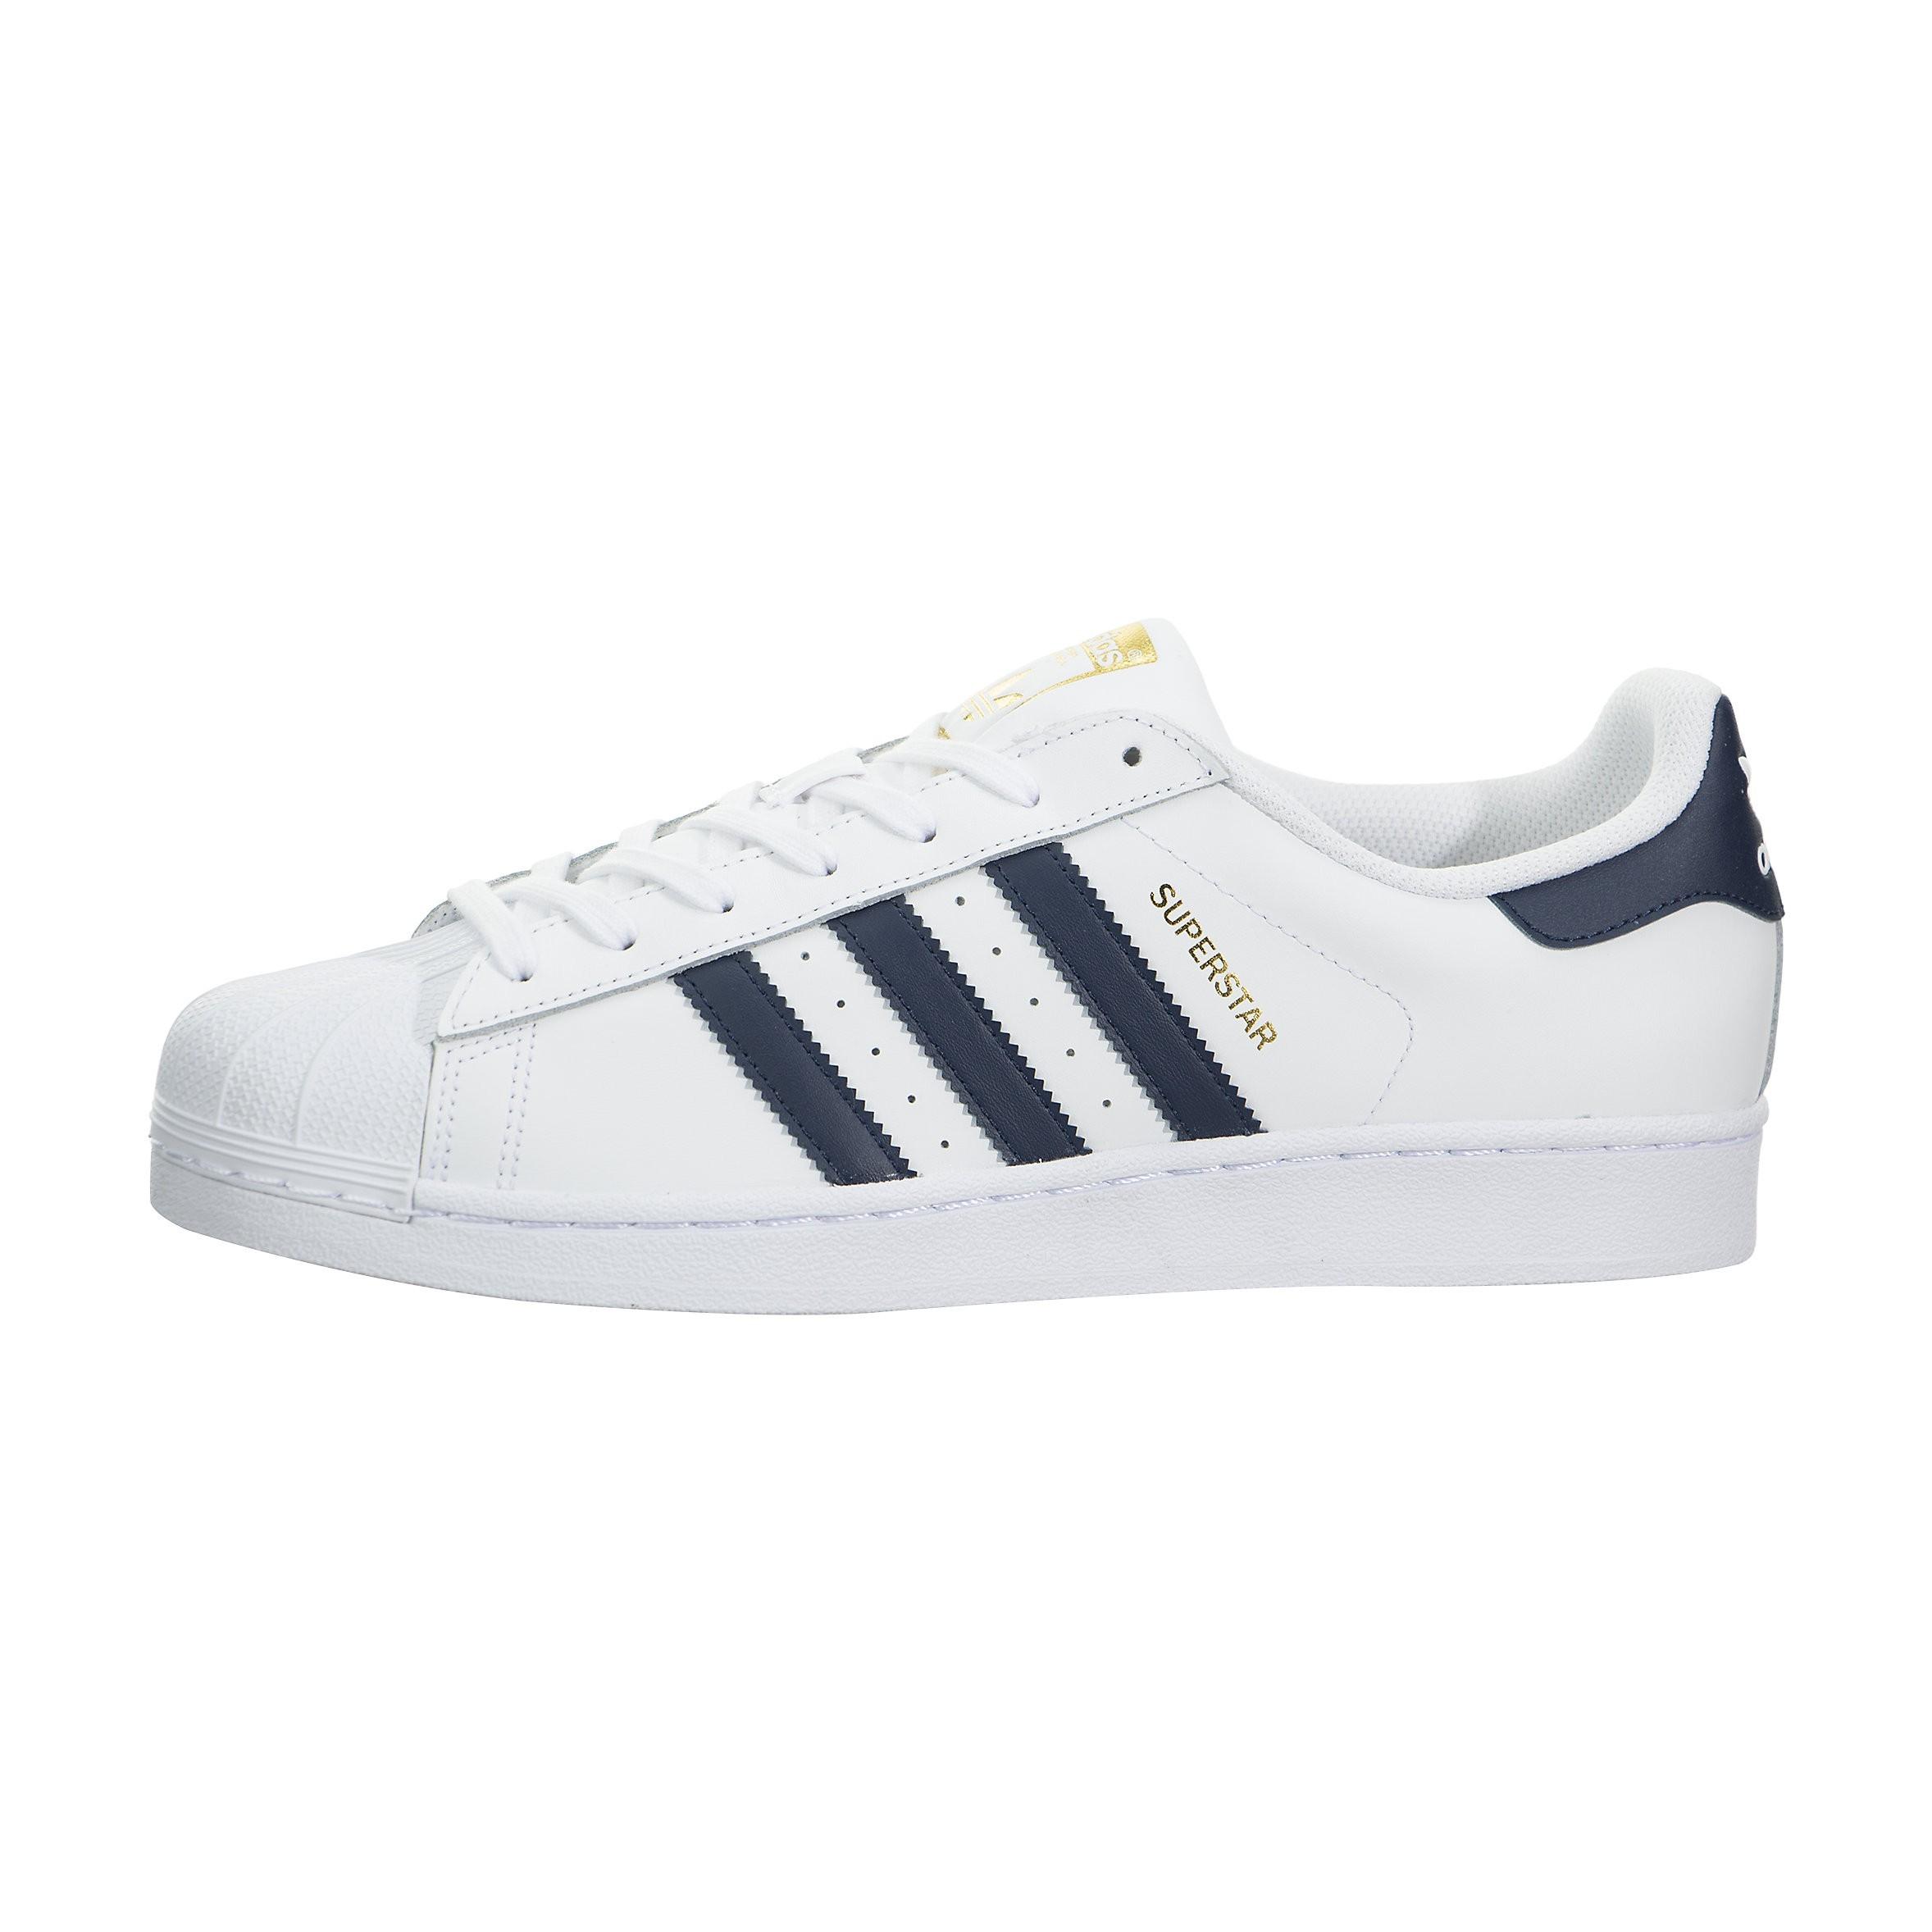 adidas Superstar Foundation Low Hombre Estilo de vida Zapatilla Blancas BY3712